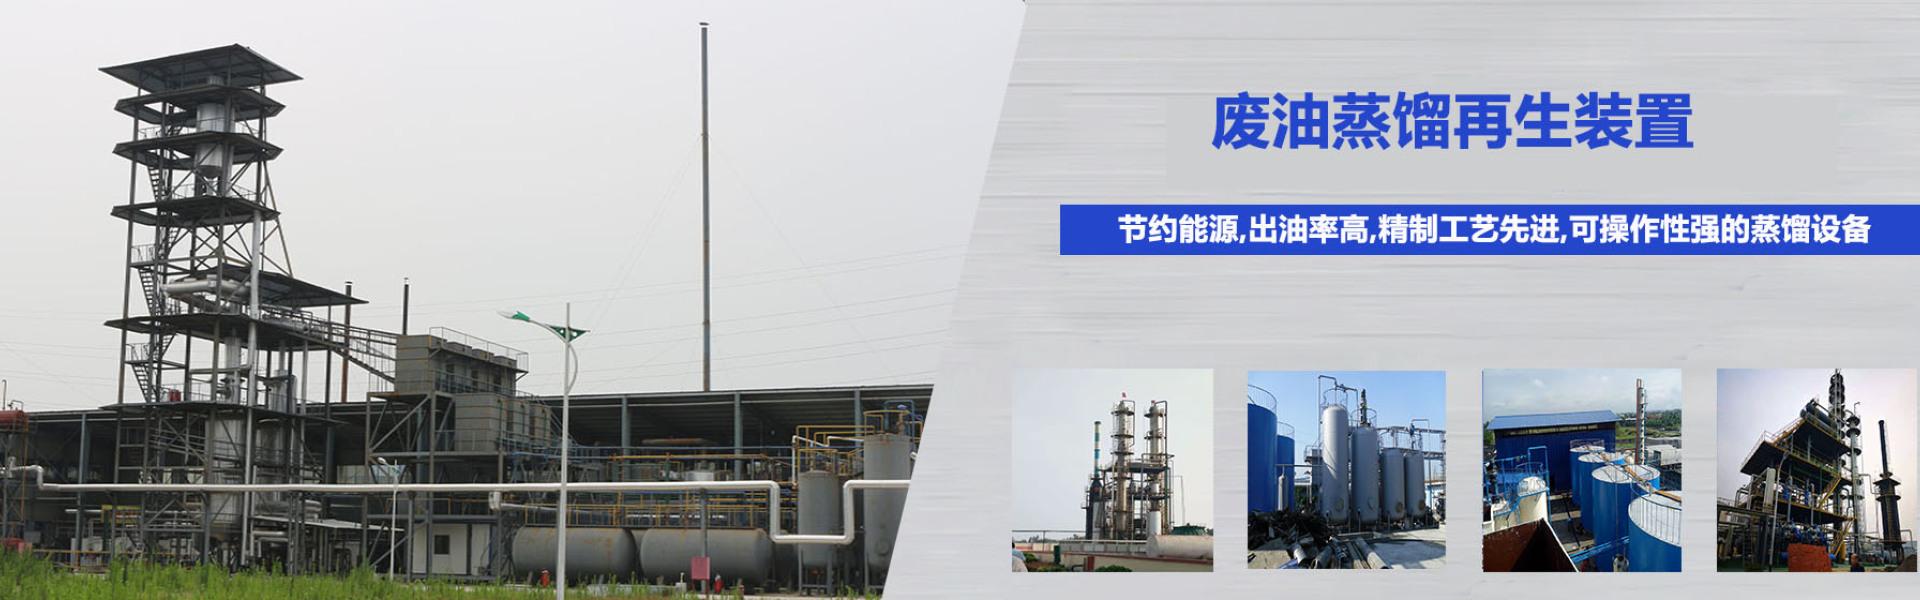 废油蒸馏再生装置